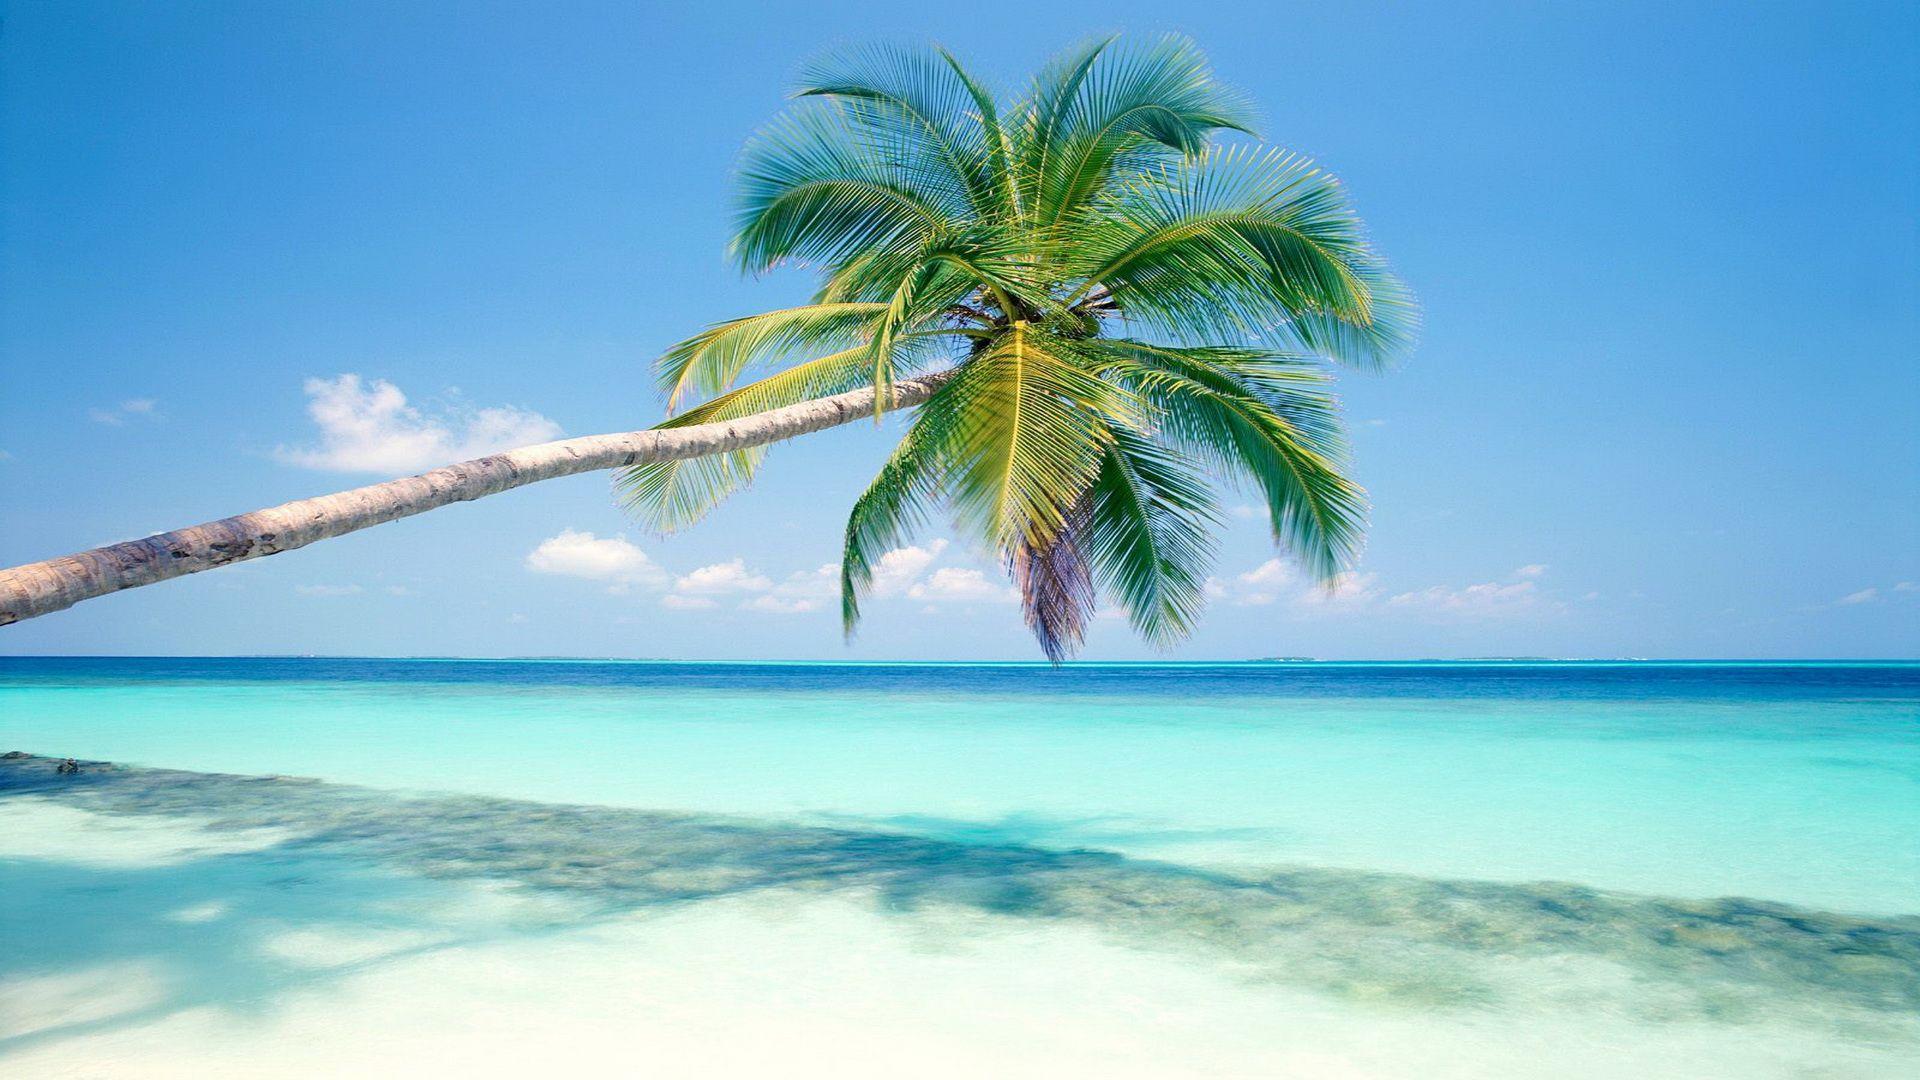 1920x1080 Tải xuống miễn phí Đảo nhiệt đới Bãi biển Hình nền máy tính để bàn Hình nền HD [1920x1080] cho Máy tính để bàn, Di động & Máy tính bảng của bạn.  Khám phá Hình nền Đảo Nhiệt đới.  Hình nền đảo, Hình nền bãi biển miễn phí cho máy tính để bàn, Miễn phí